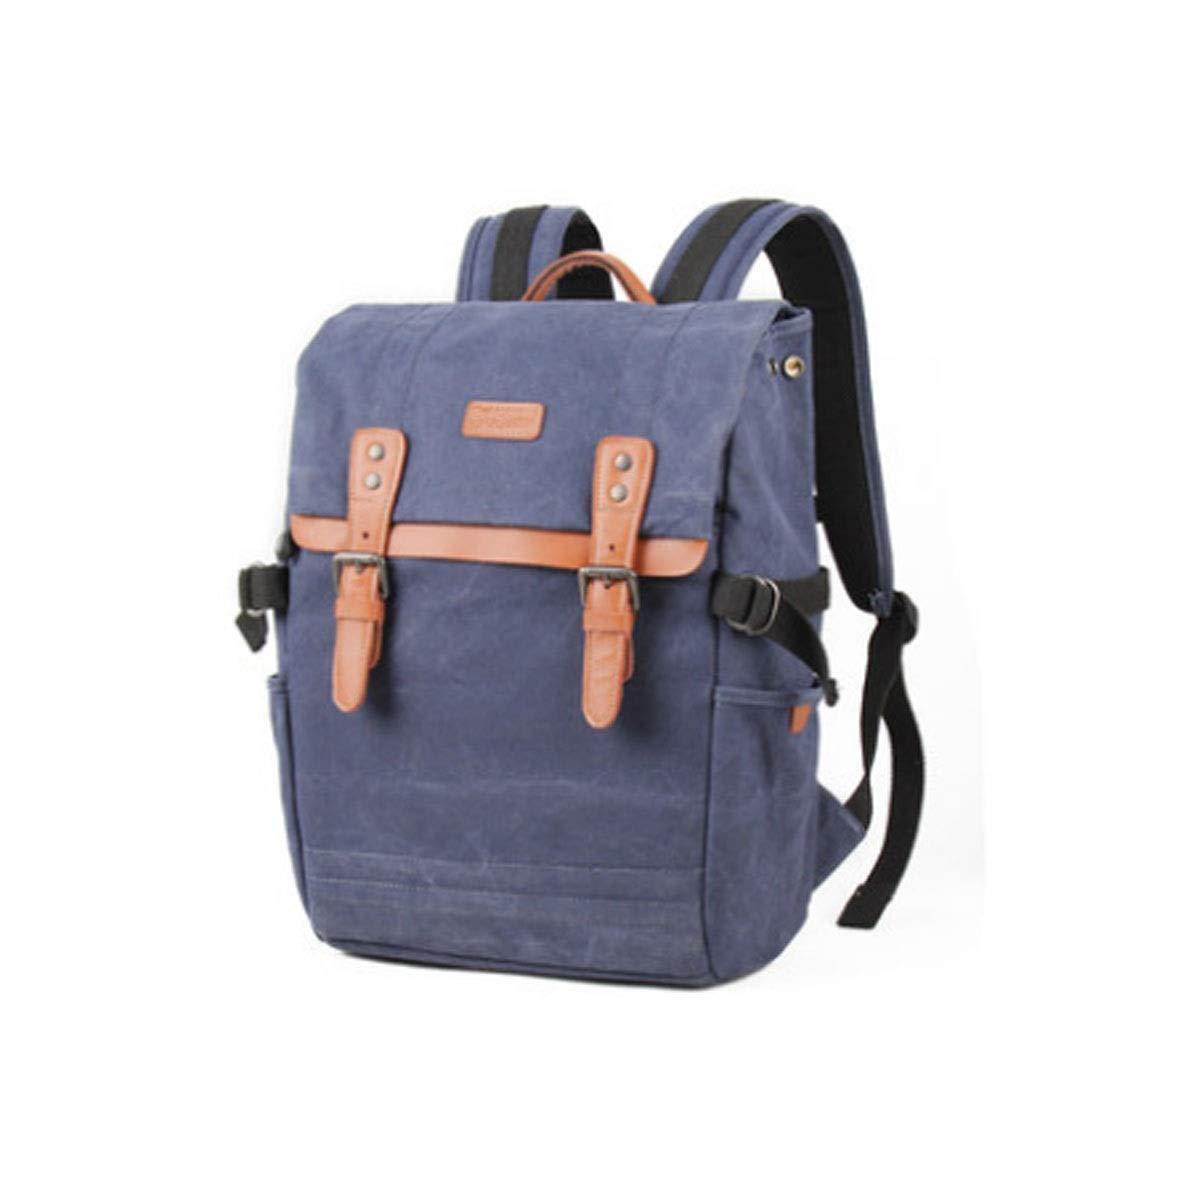 カメラバッグ、ファッションの のカメラバックパックバッグ、大容量の男性と女性の肩キャンバスバッグ、ミリタリーグリーン (Color : Blue) B07R4TWX9L